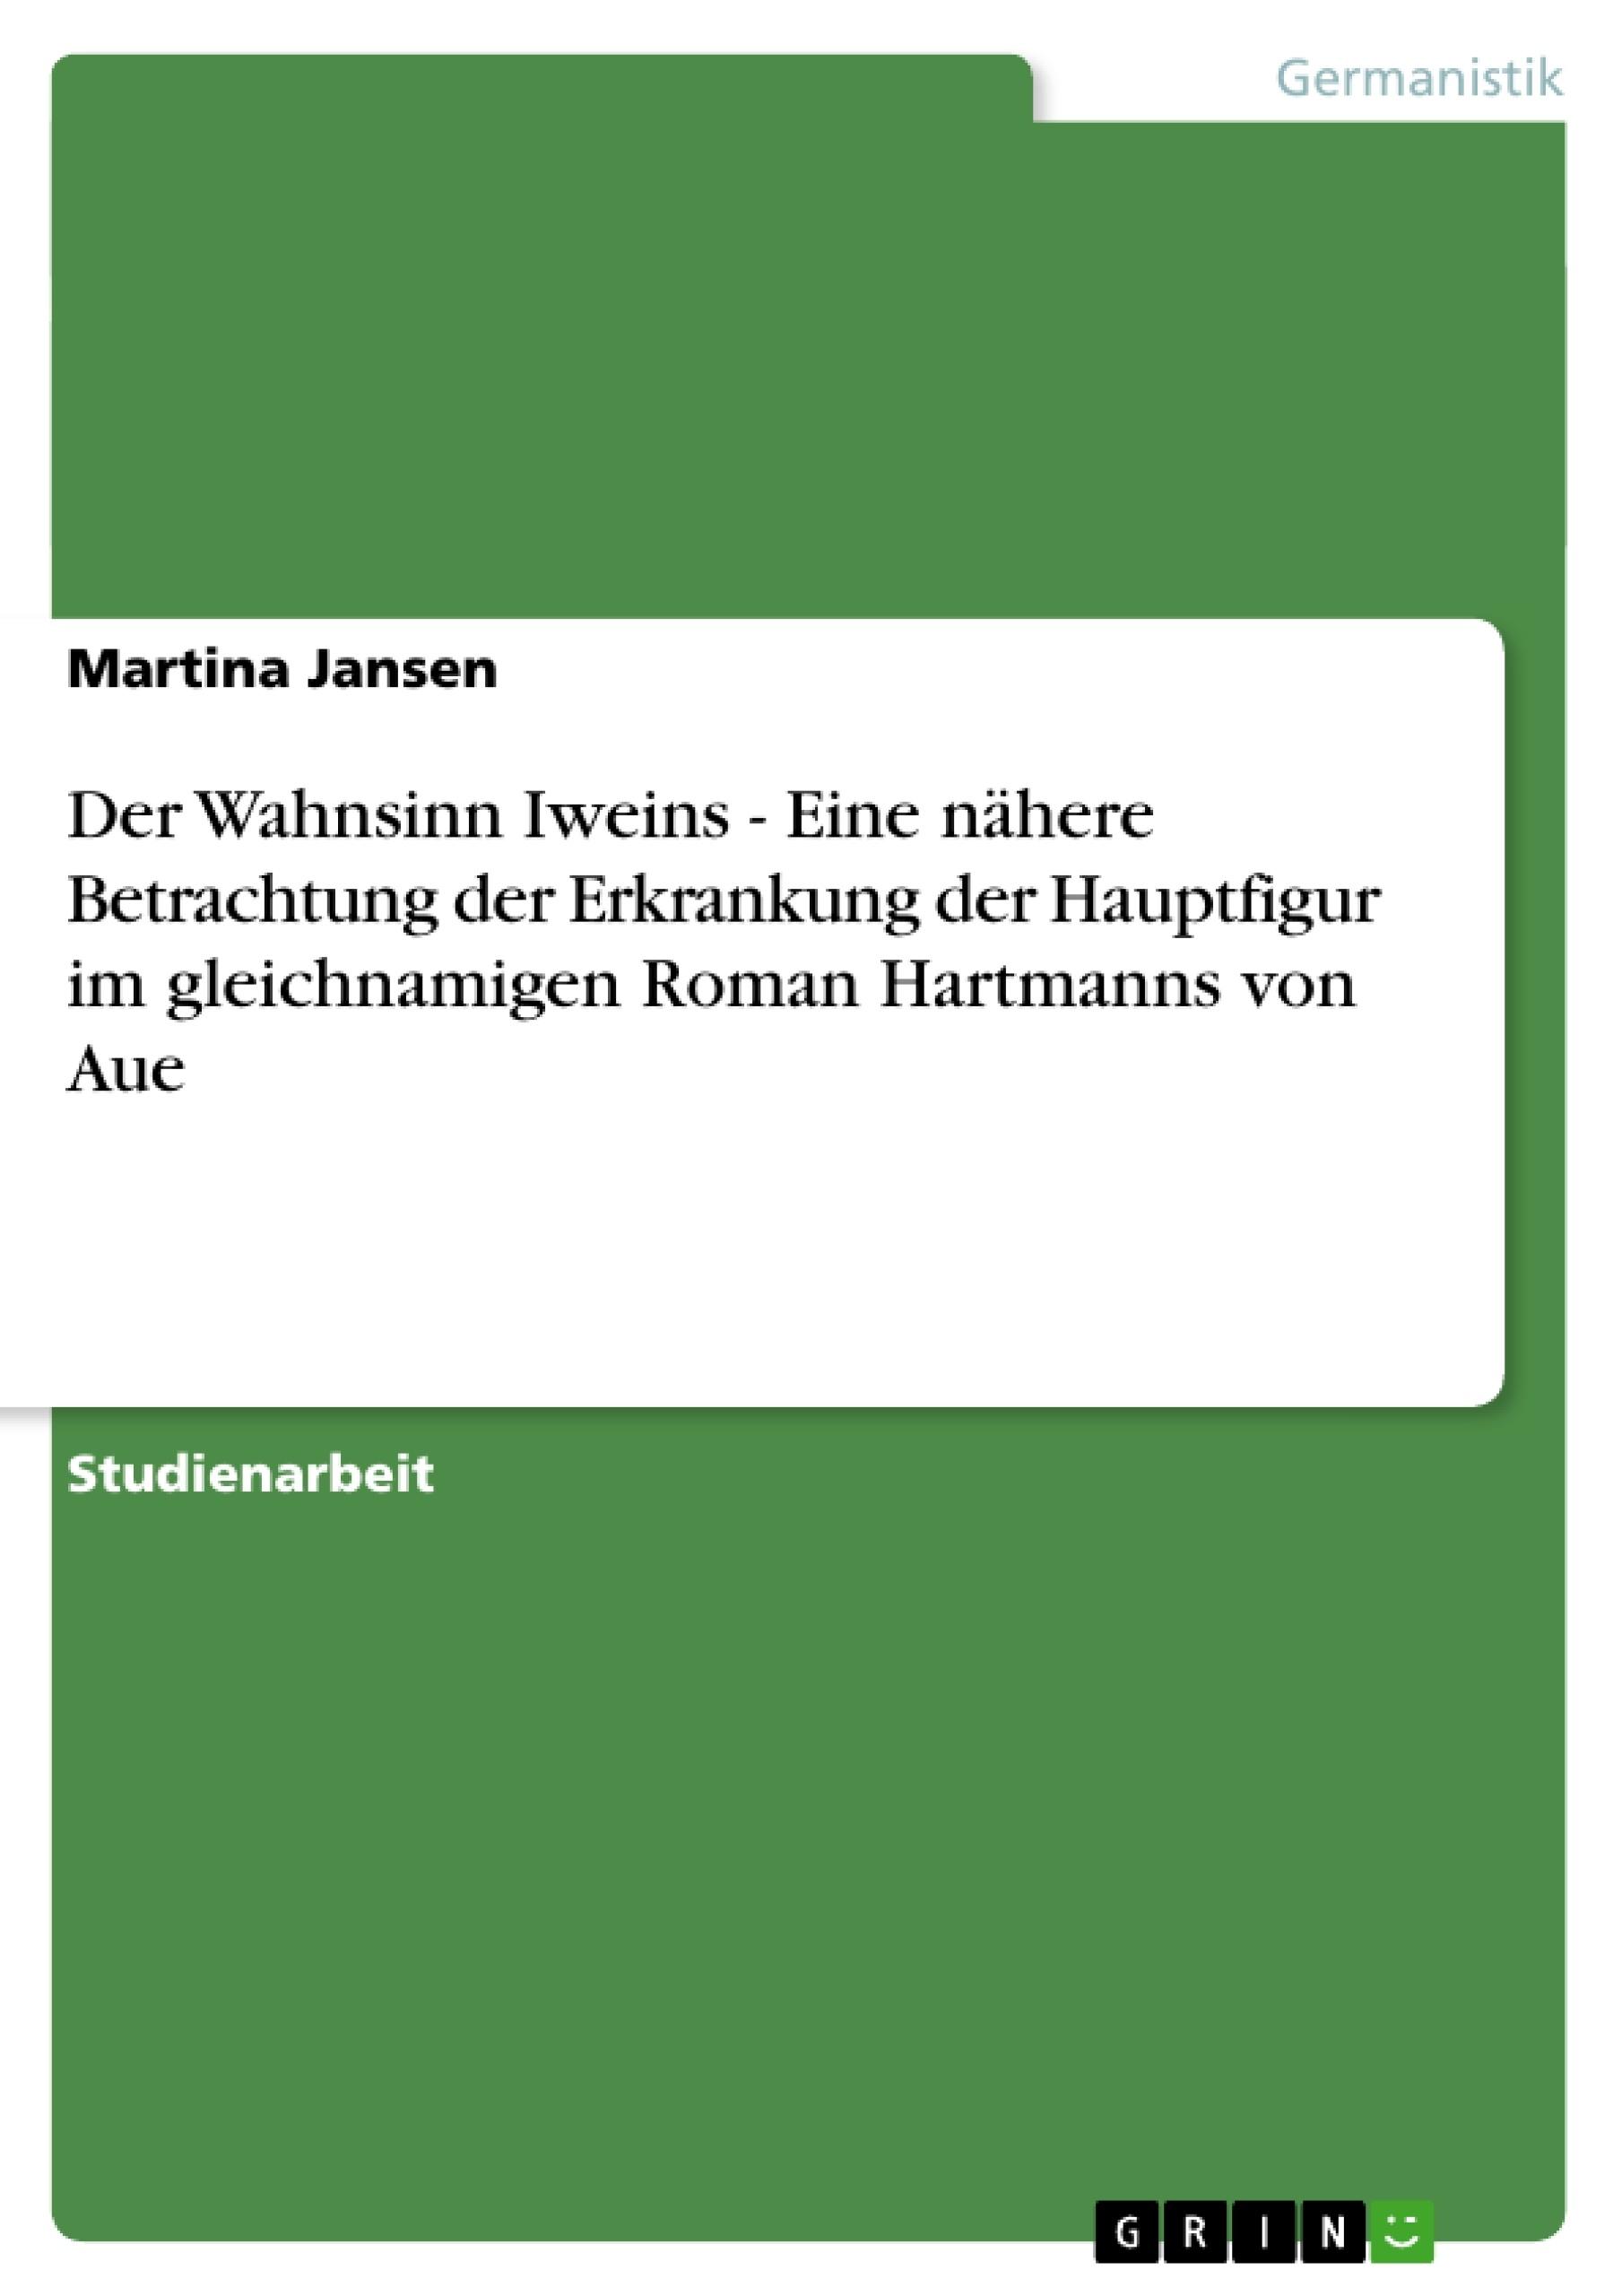 Titel: Der Wahnsinn Iweins - Eine nähere Betrachtung der Erkrankung der Hauptfigur im gleichnamigen Roman Hartmanns von Aue